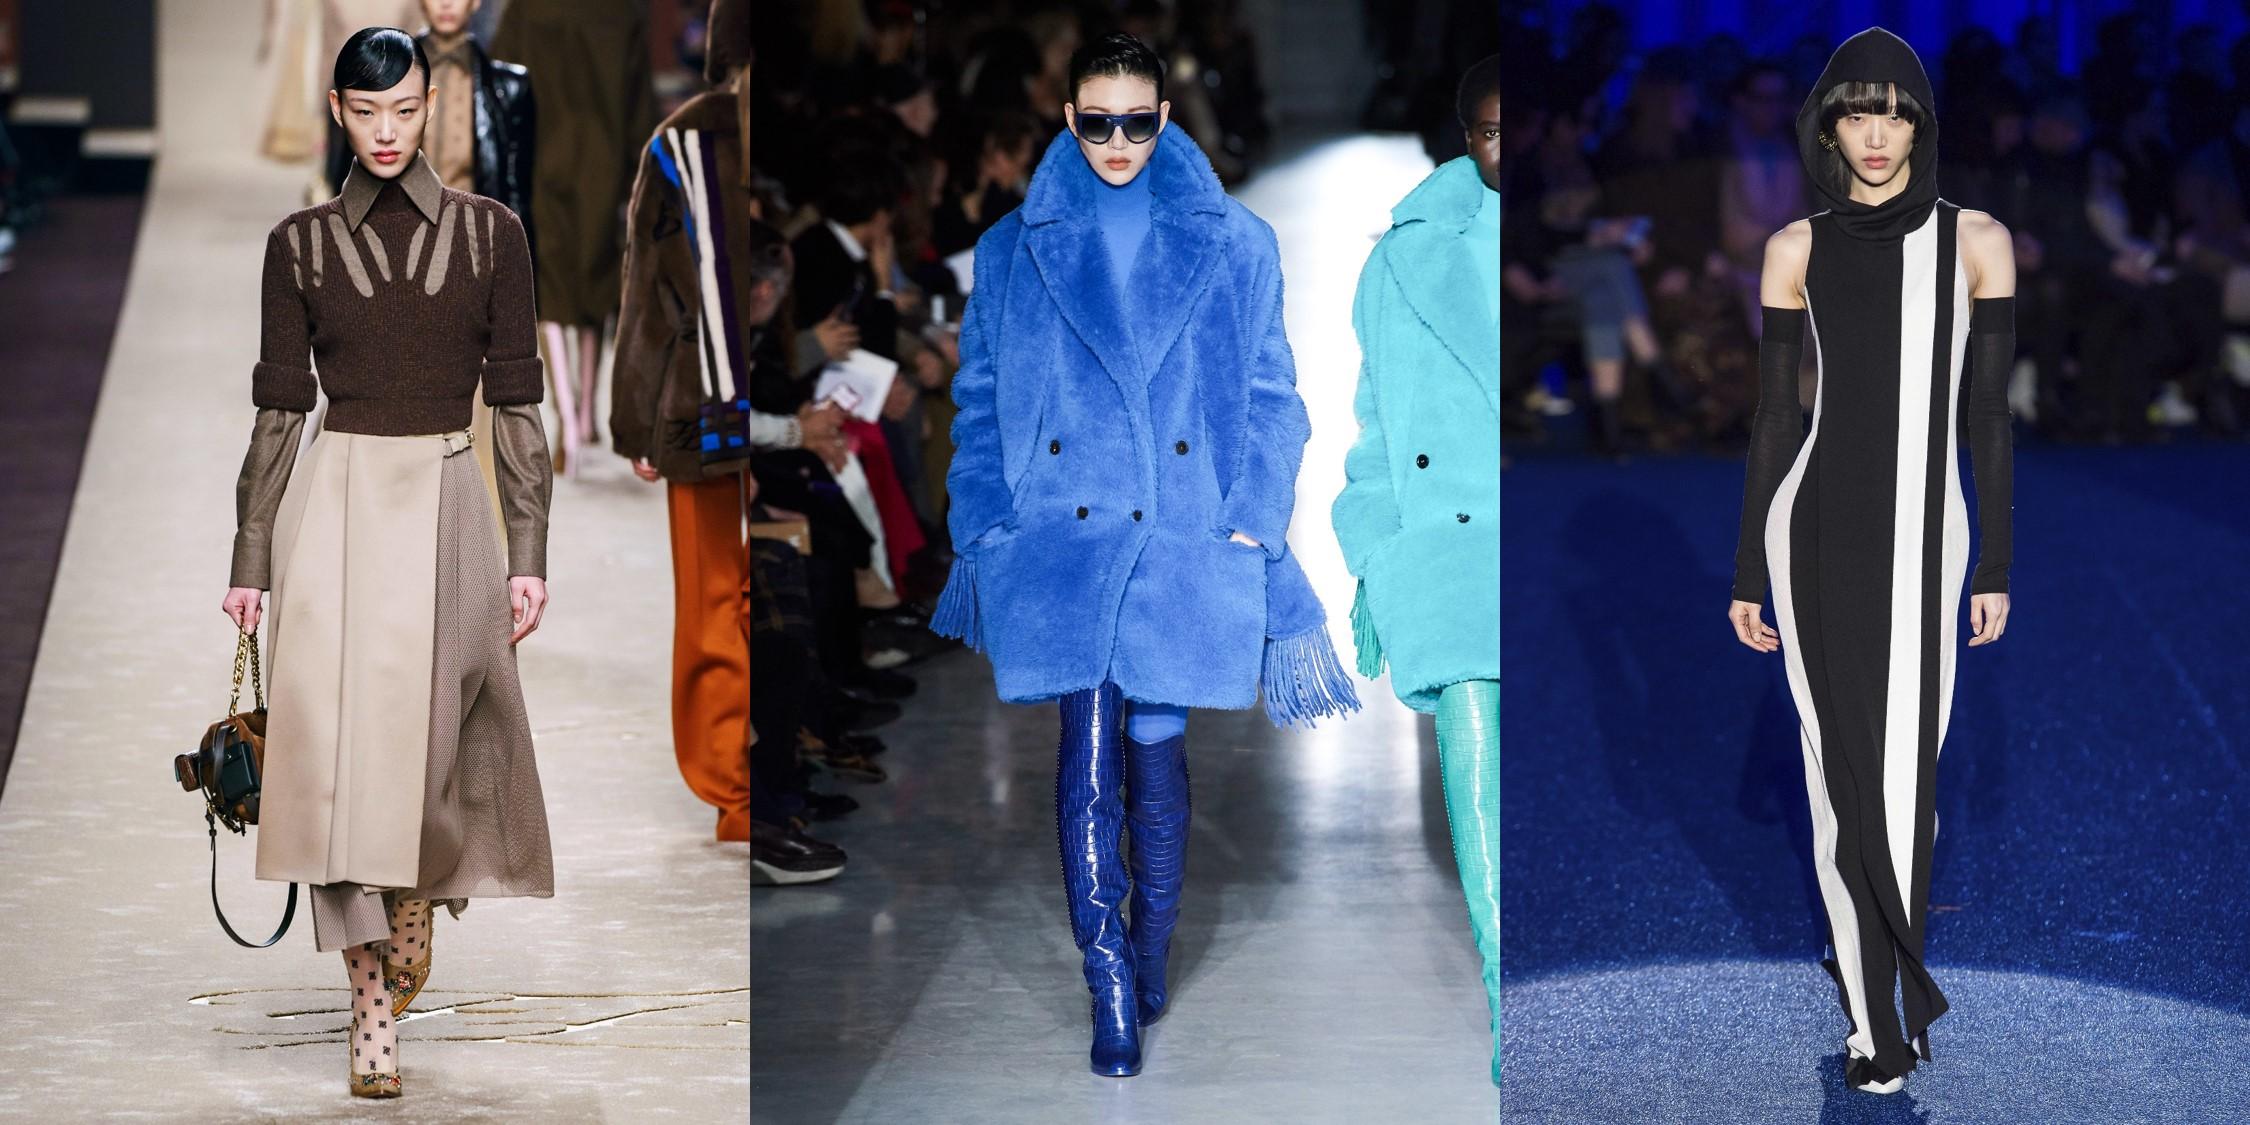 19FW 밀라노 패션위크, YG 케이플러스 모델들의 런웨이 하이라이트!